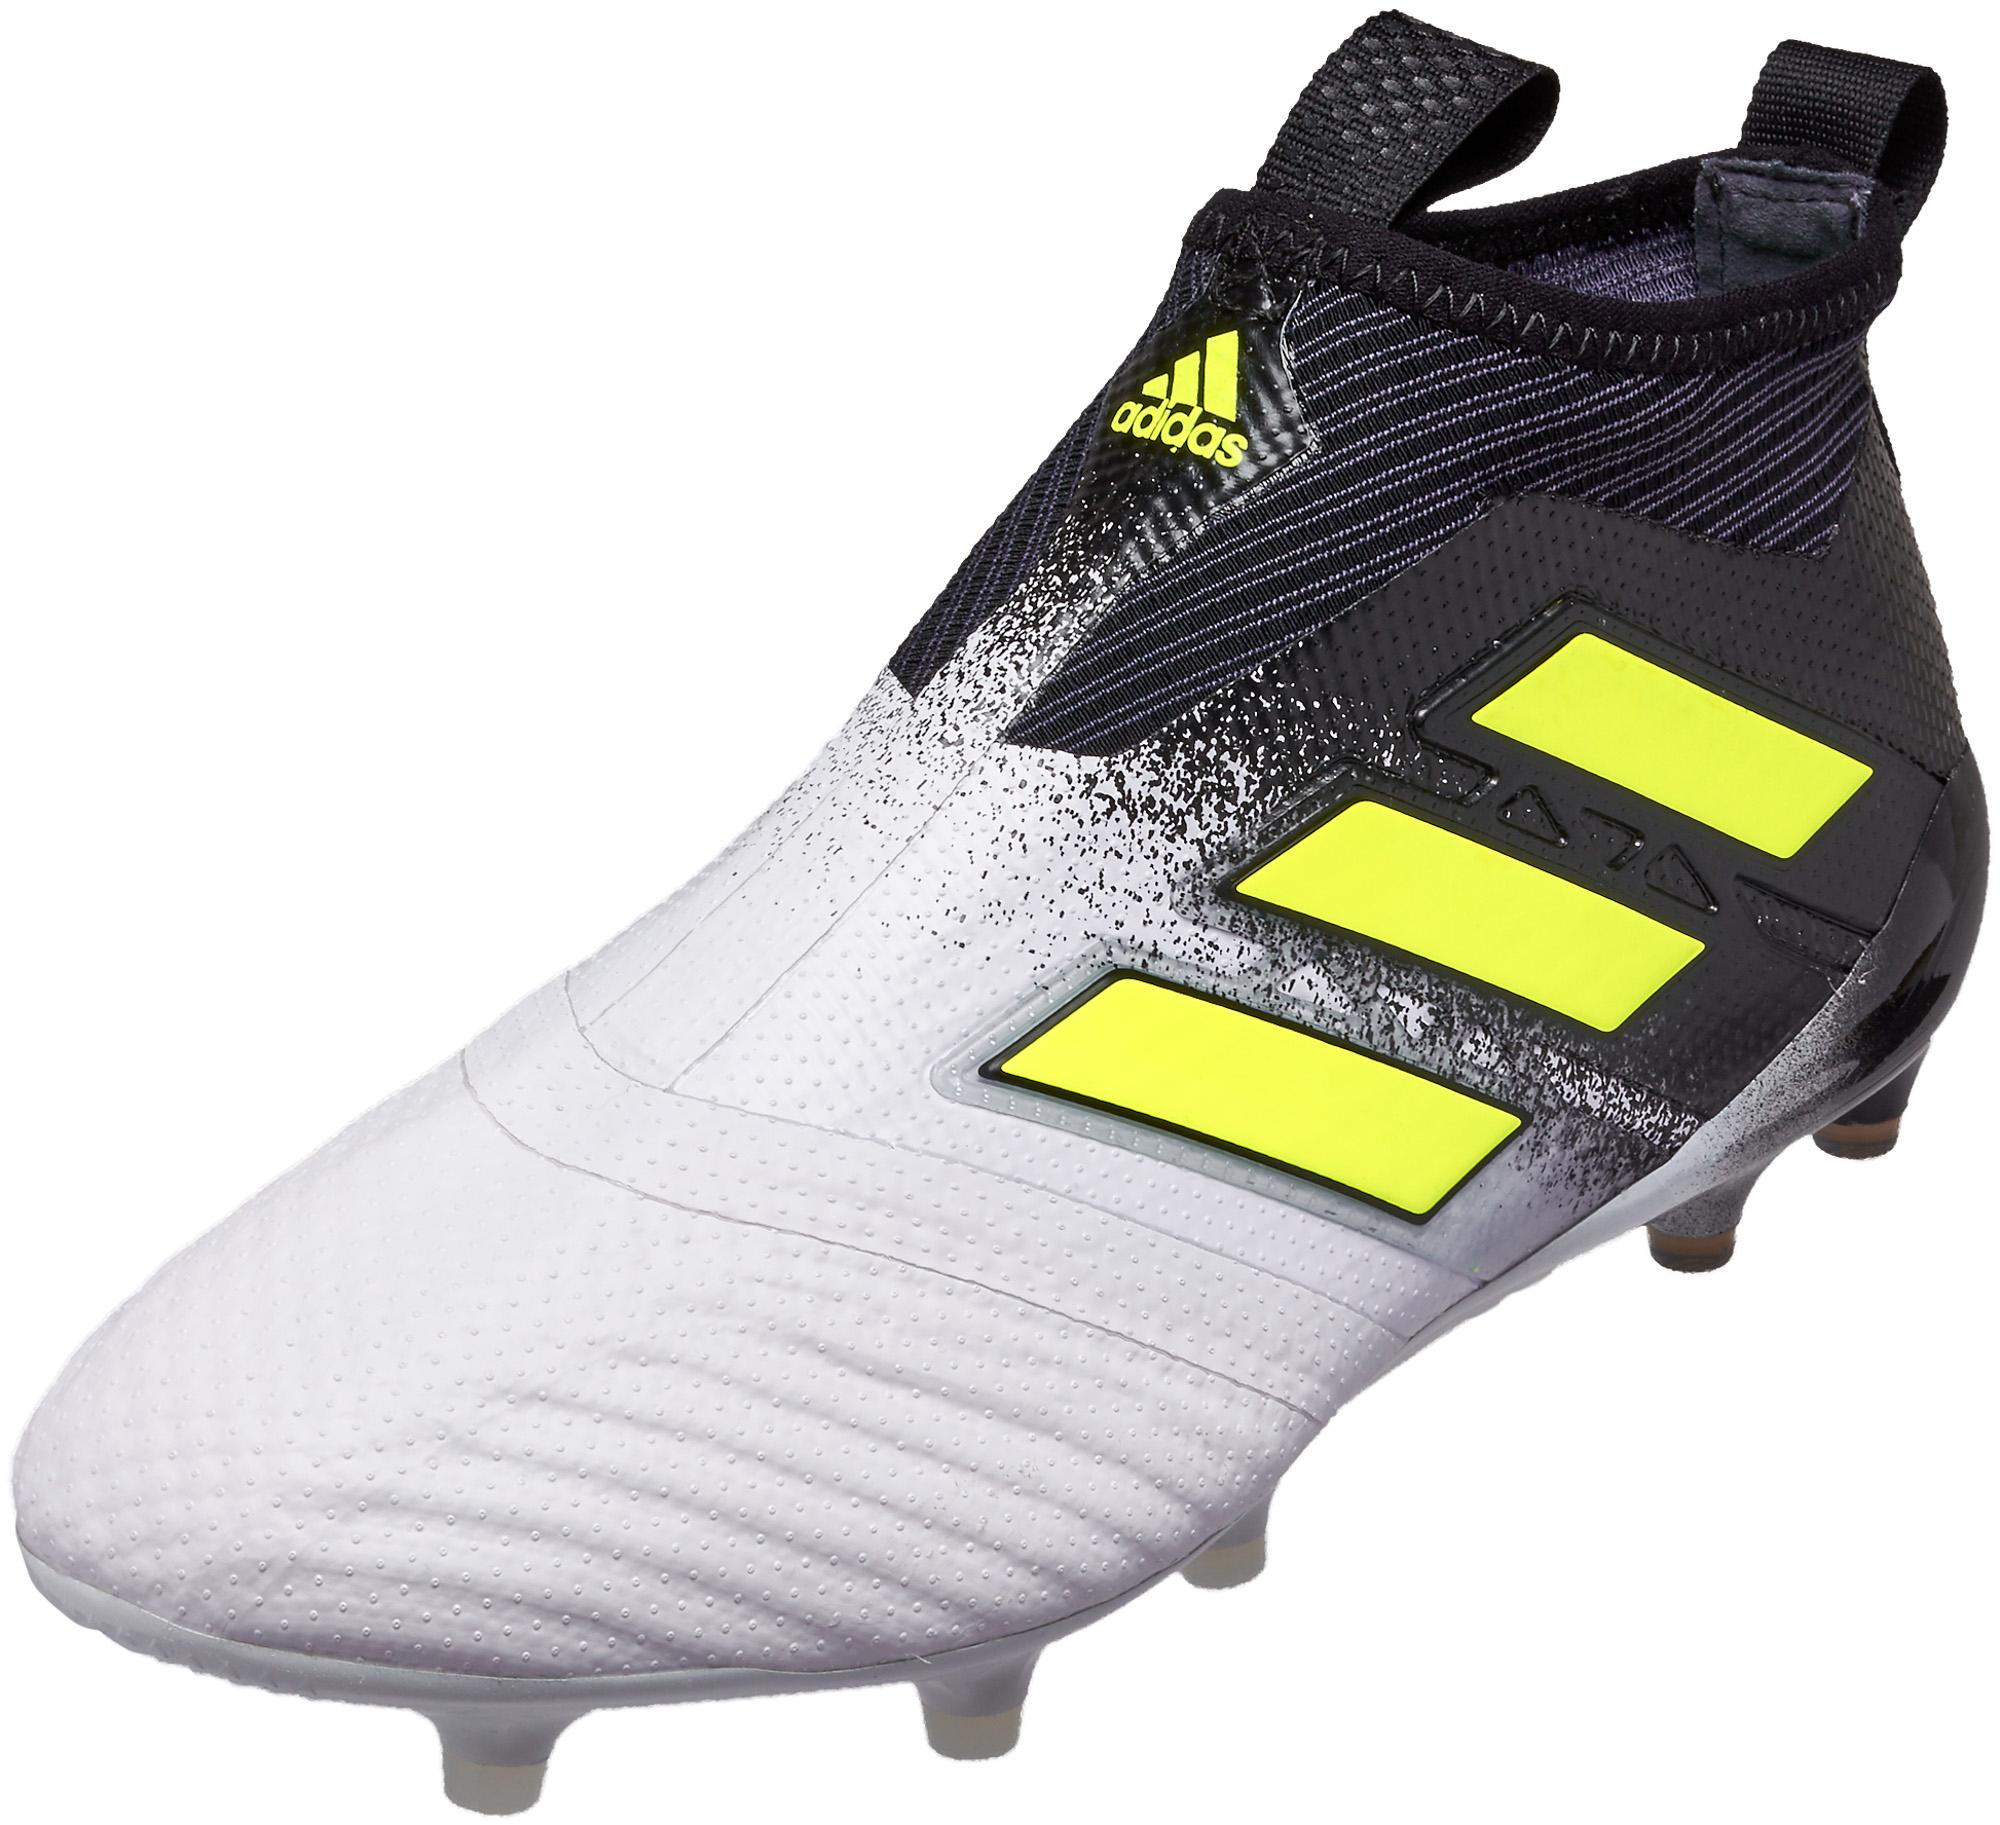 adidas ace soccer